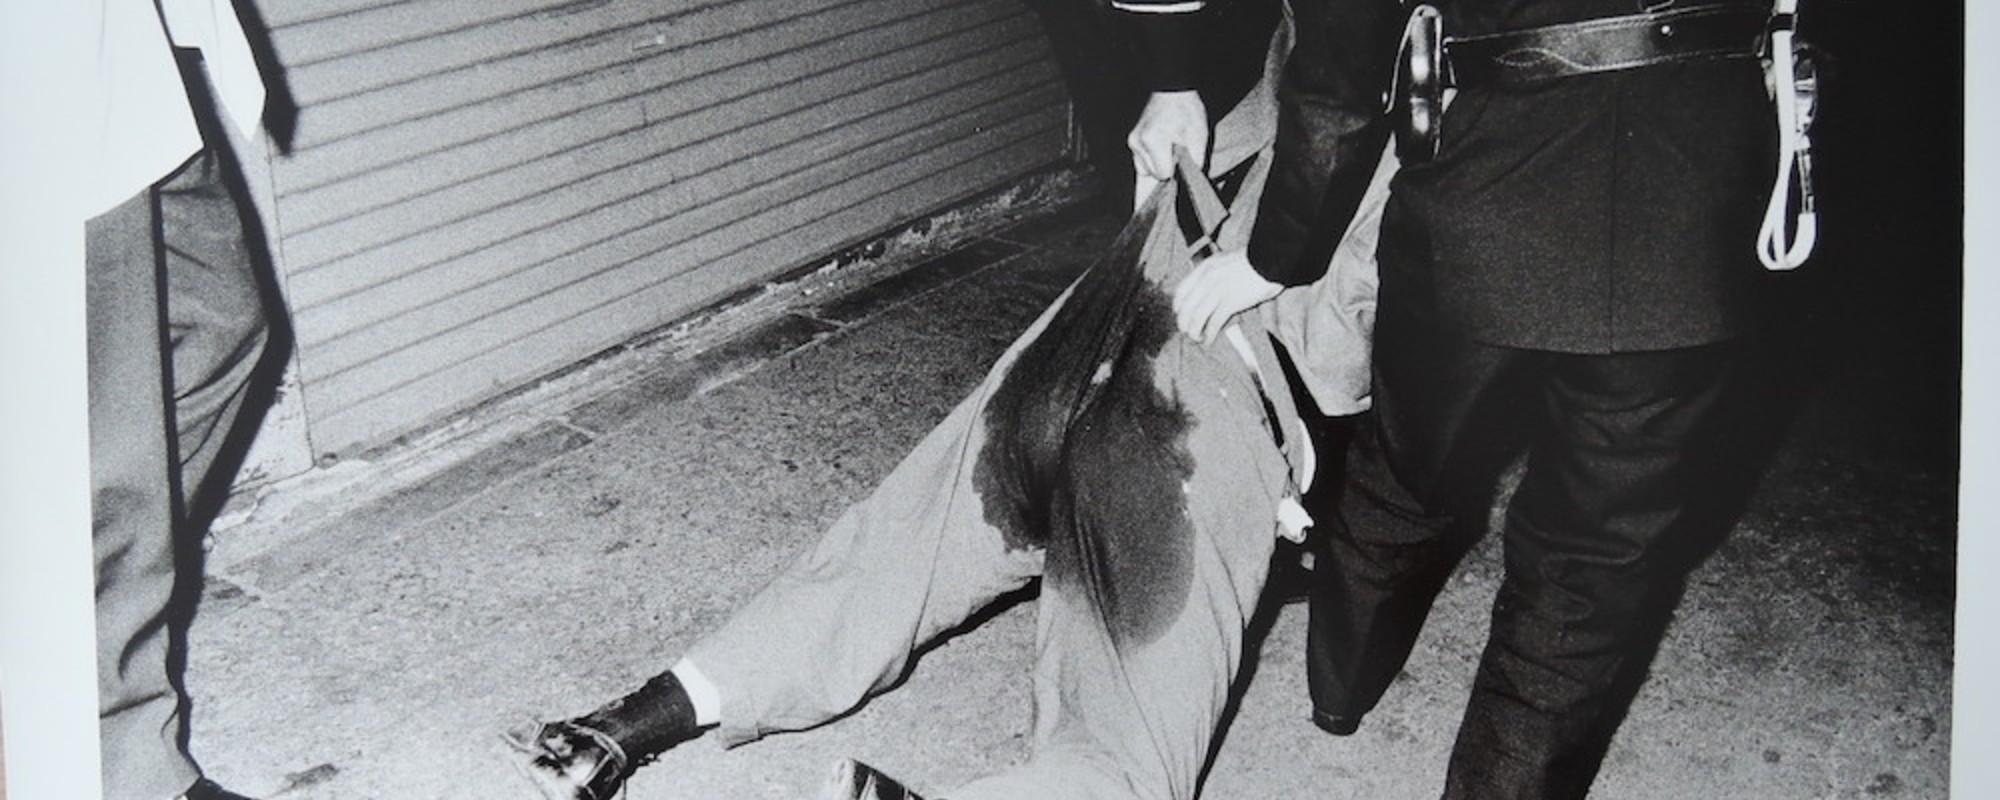 Foto delle notti crude di Tokyo negli anni '70 e '80